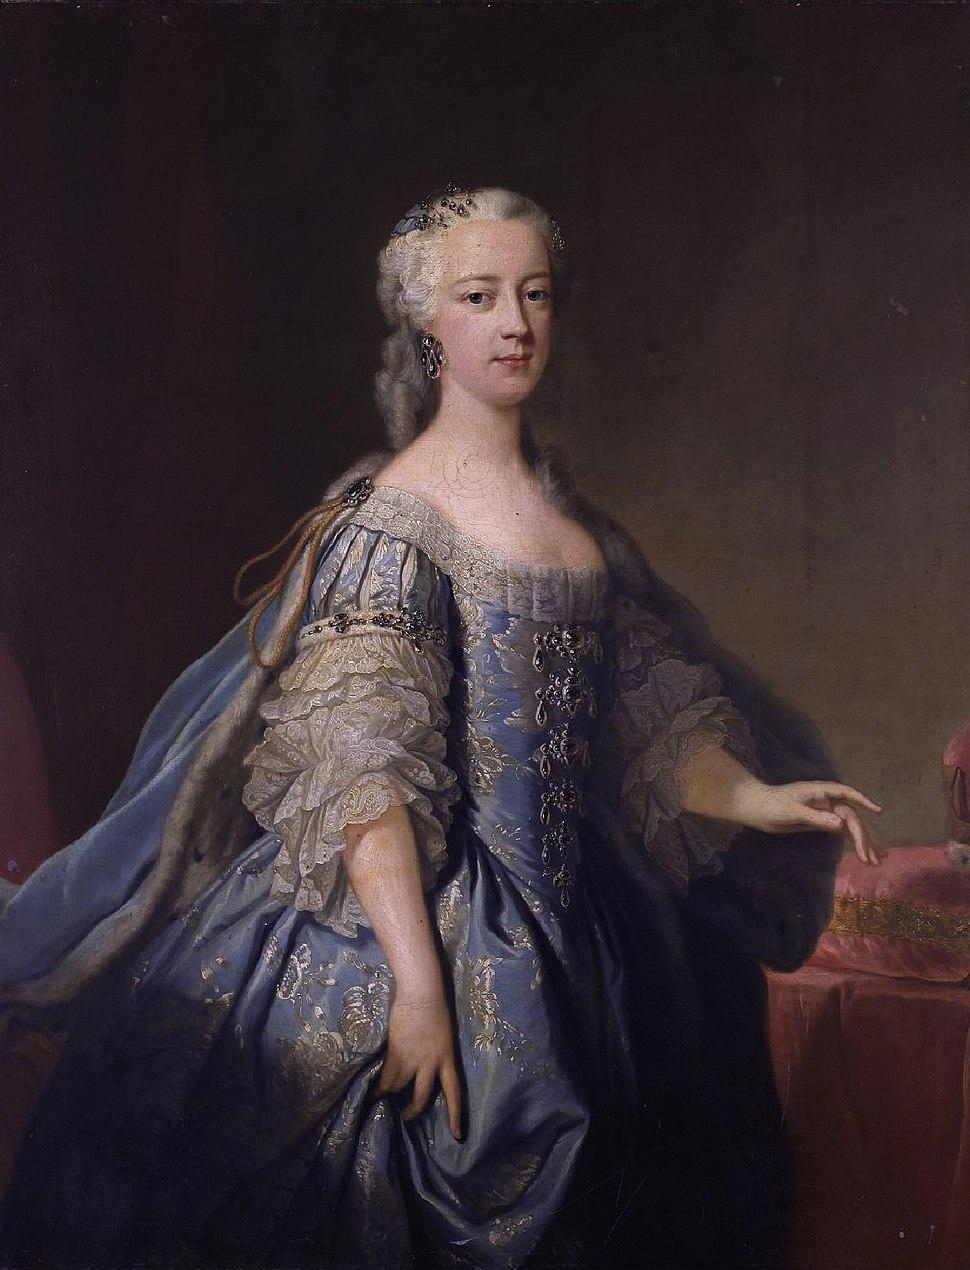 Princess Amelia of Great Britain (1711-1786) by Jean-Baptiste van Loo